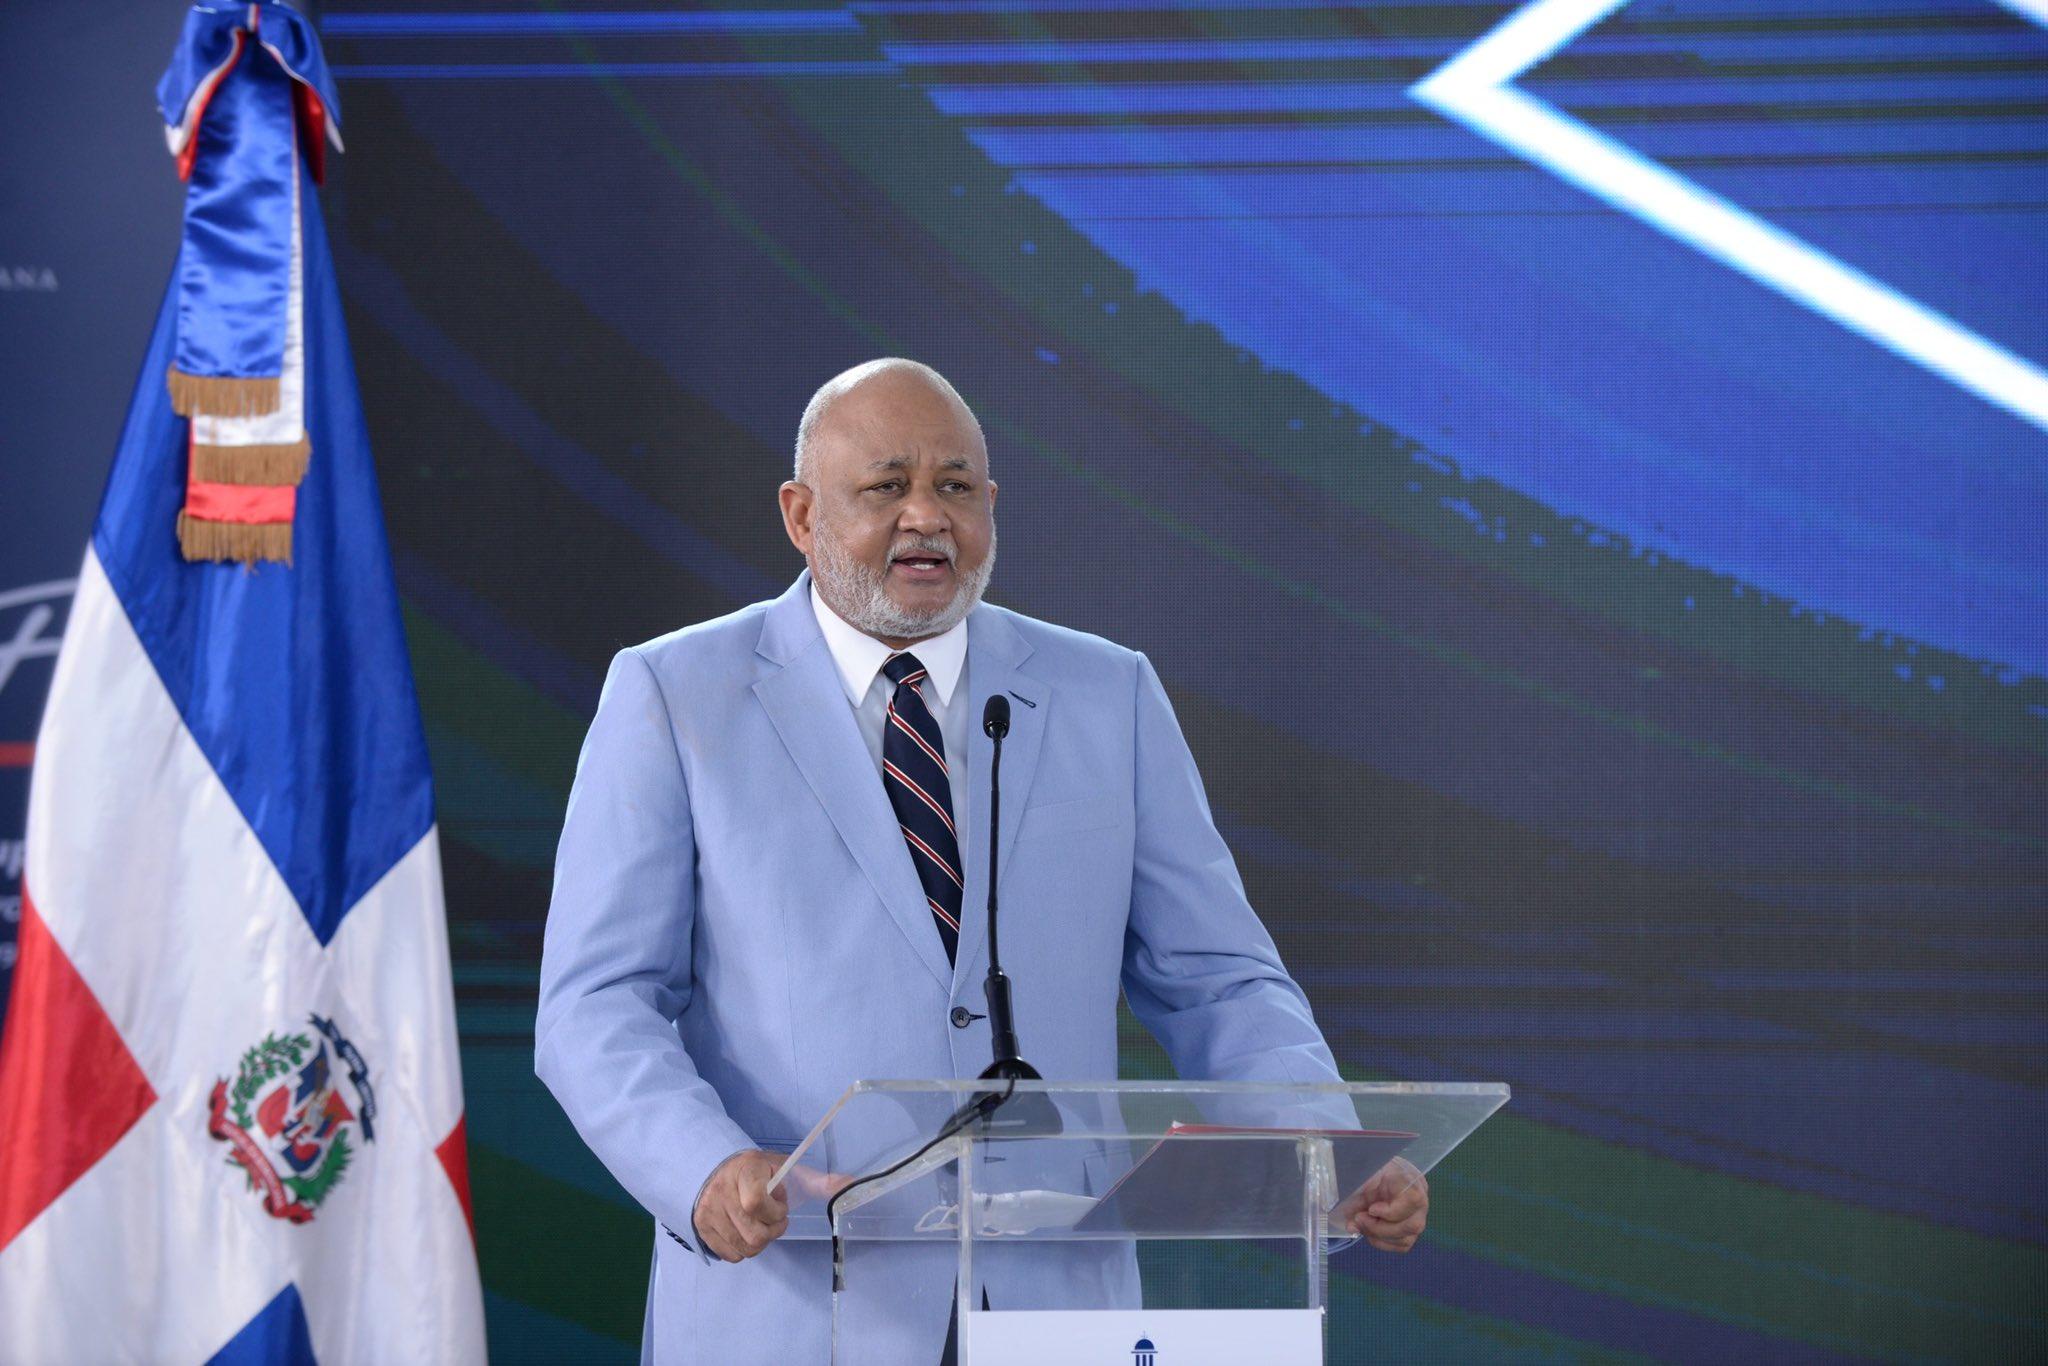 El ministro de Educación, Roberto Fulcar, destacó que elAño escolar 2021-2022 comienza el 20 de septiembre